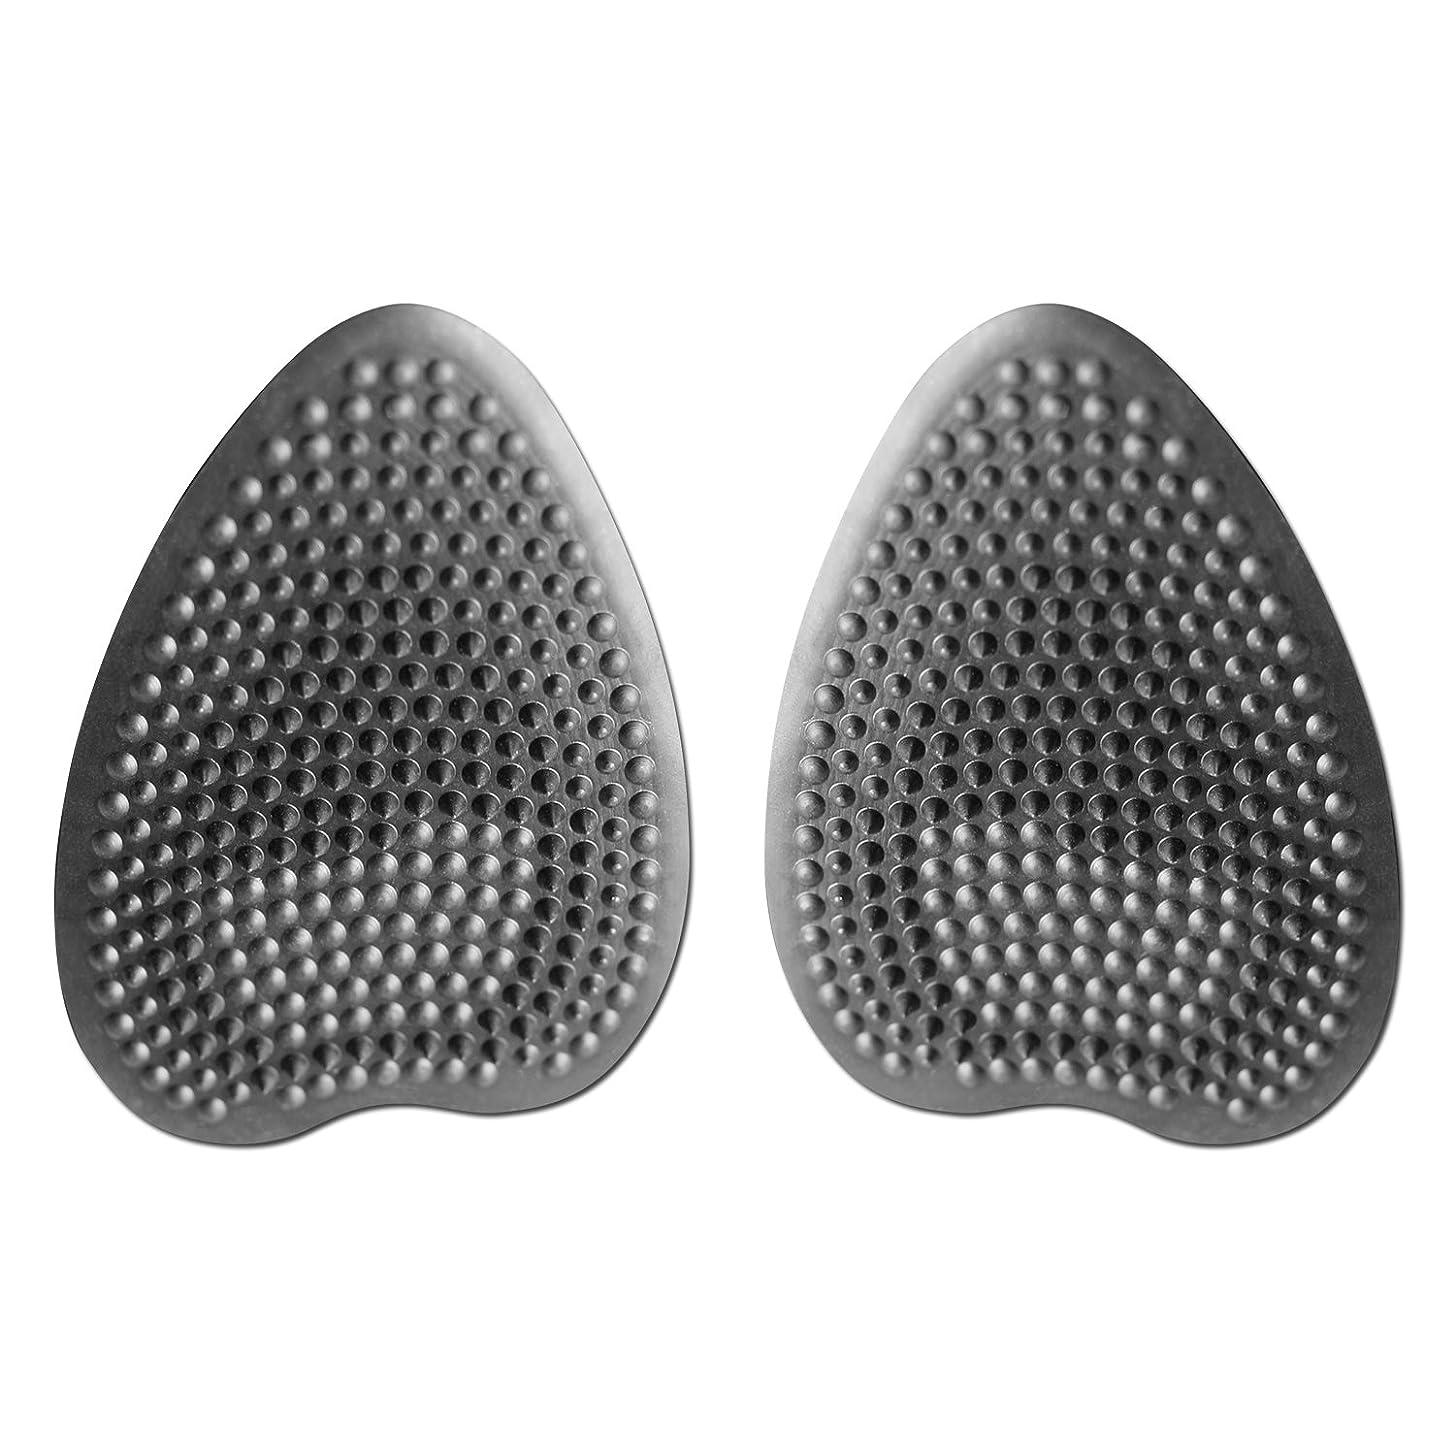 ポンド好奇心モノグラフヘブンリーカーペット レディース(靴底用クッションパッド) ブラック